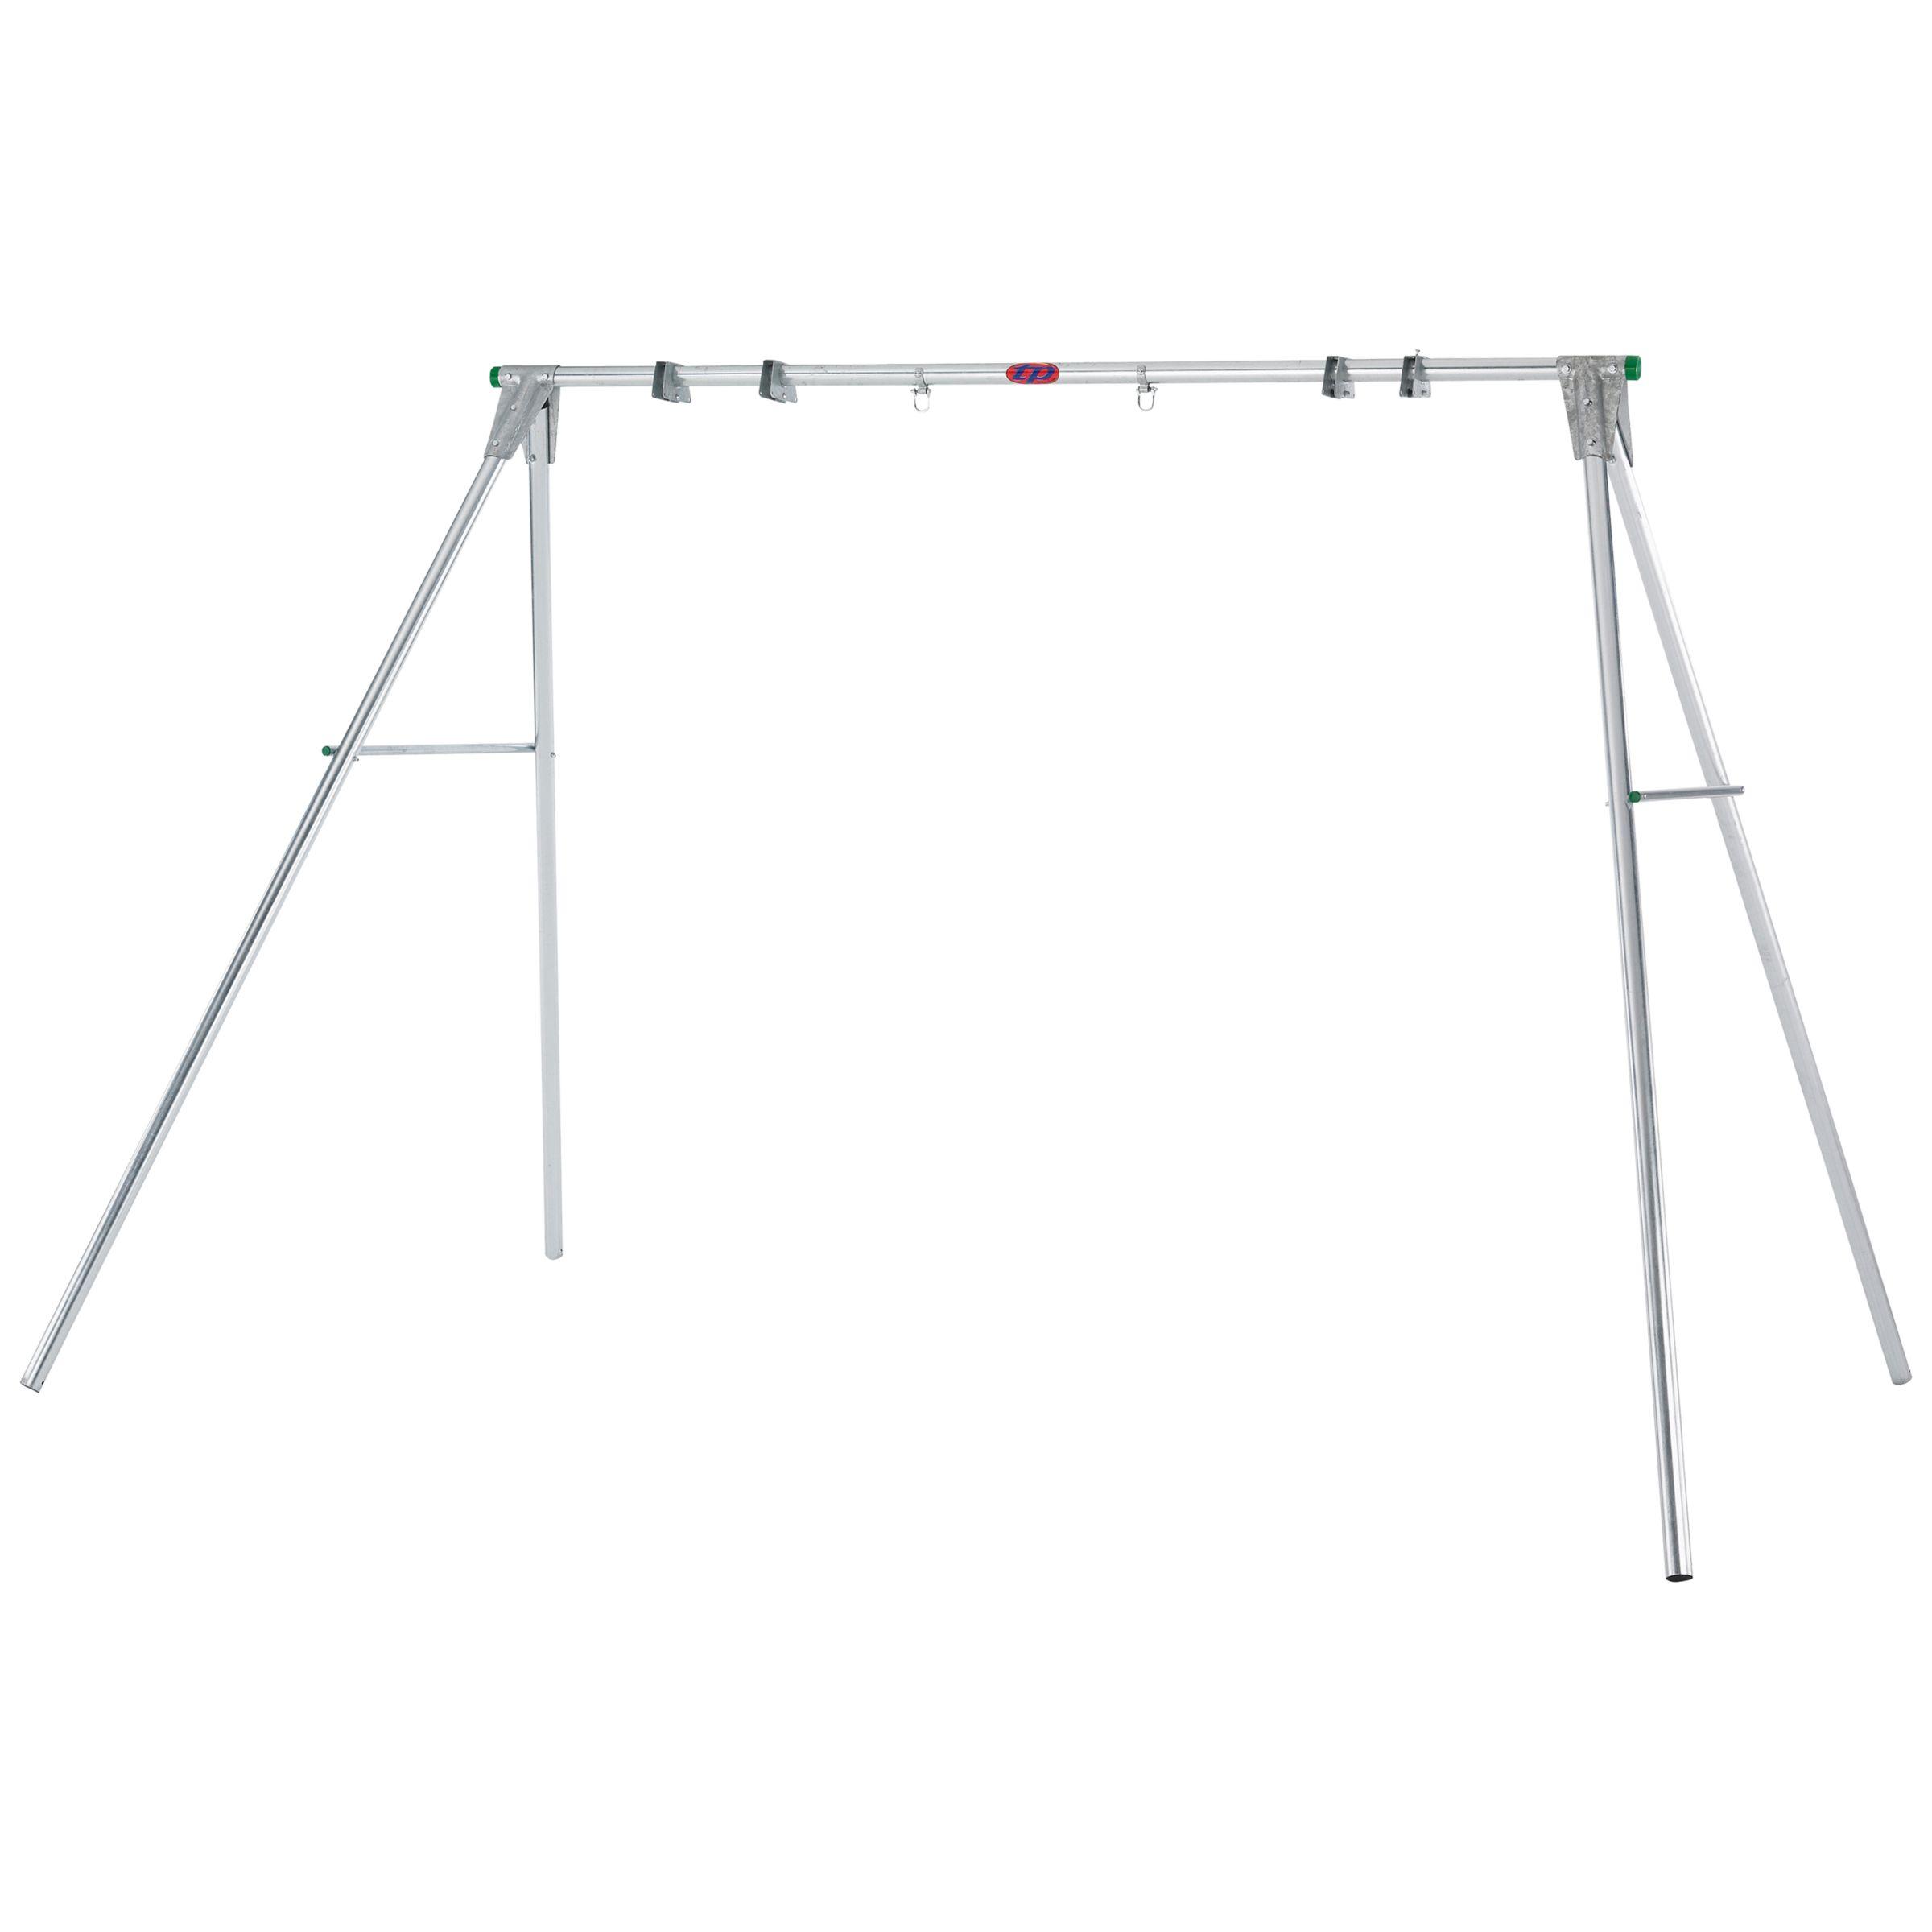 TP132 Triple Giant Swing Frame